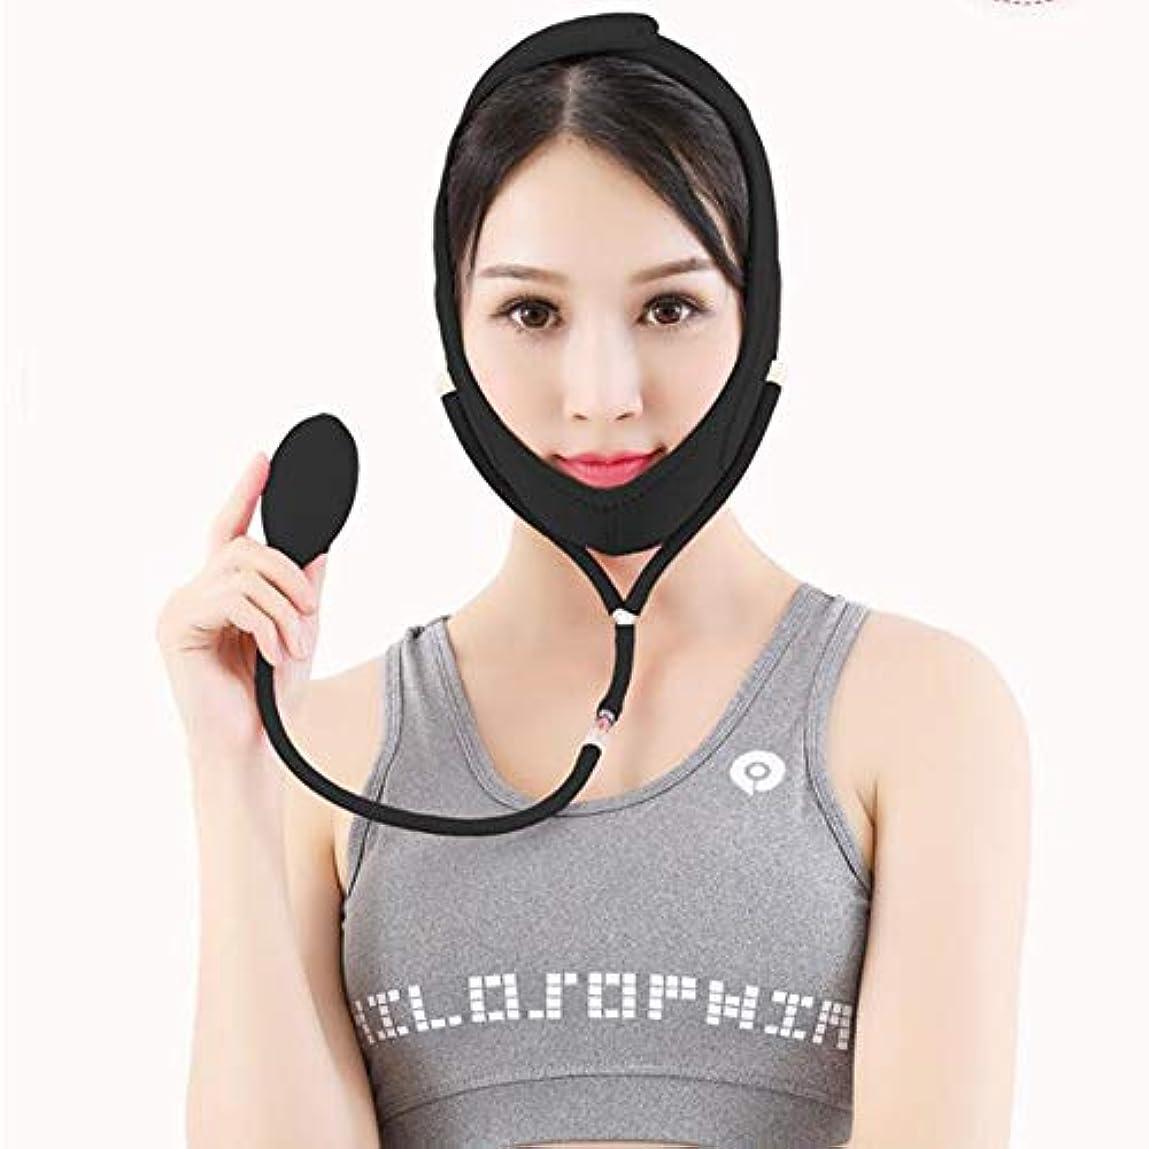 懸念メーター満州BS フェイシャルリフティング痩身ベルトダブルエアバッグ圧力調整フェイス包帯マスク整形マスクが顔を引き締める フェイスリフティングアーティファクト (Color : Black, Size : M)